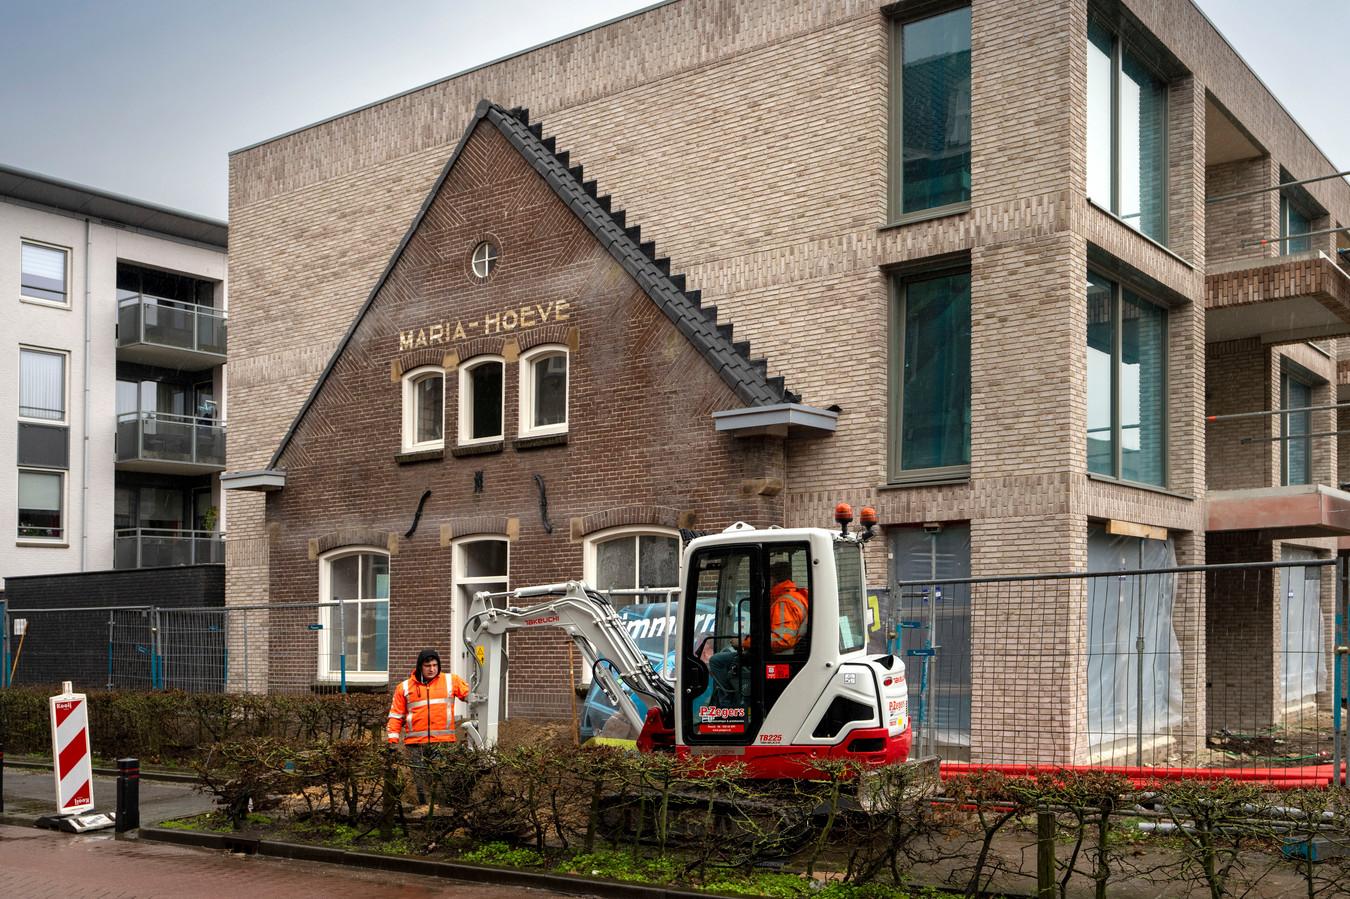 In Schijndel werden onlangs nieuwe woningen opgeleverd op de plek van de oude Maria-Hoeve aan de Pastoor van Erpstraat.